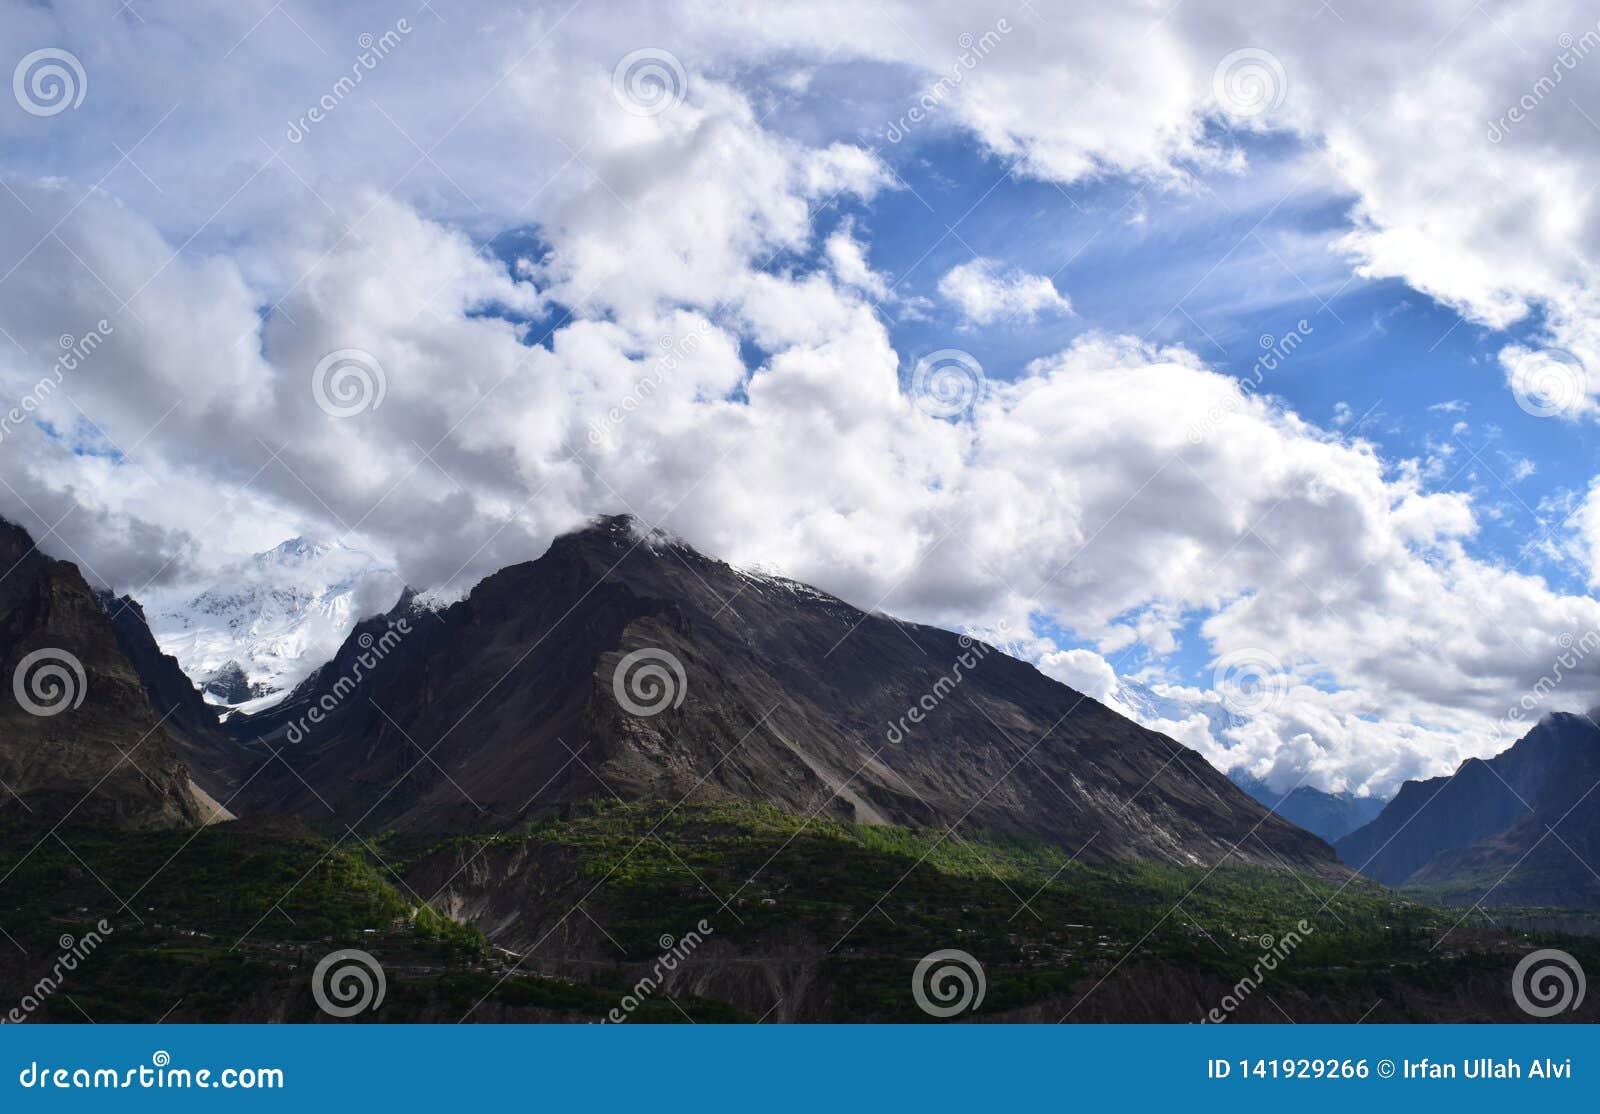 Ansicht über den Hügel mit Gebirgspfad und die schneebedeckten Berge auf dem Hintergrund